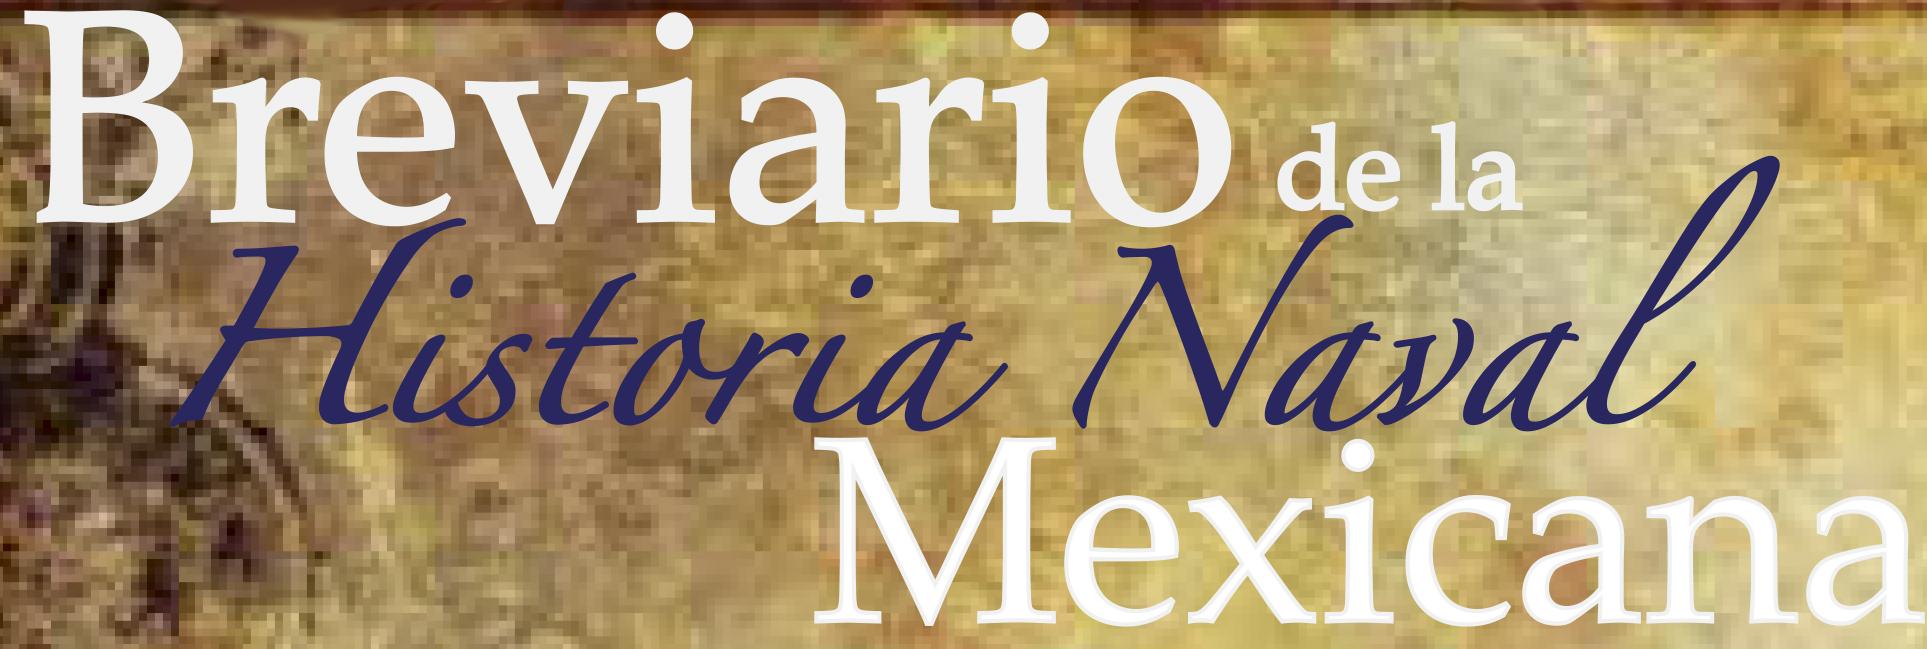 Breviario de la Historia Naval Mexicana